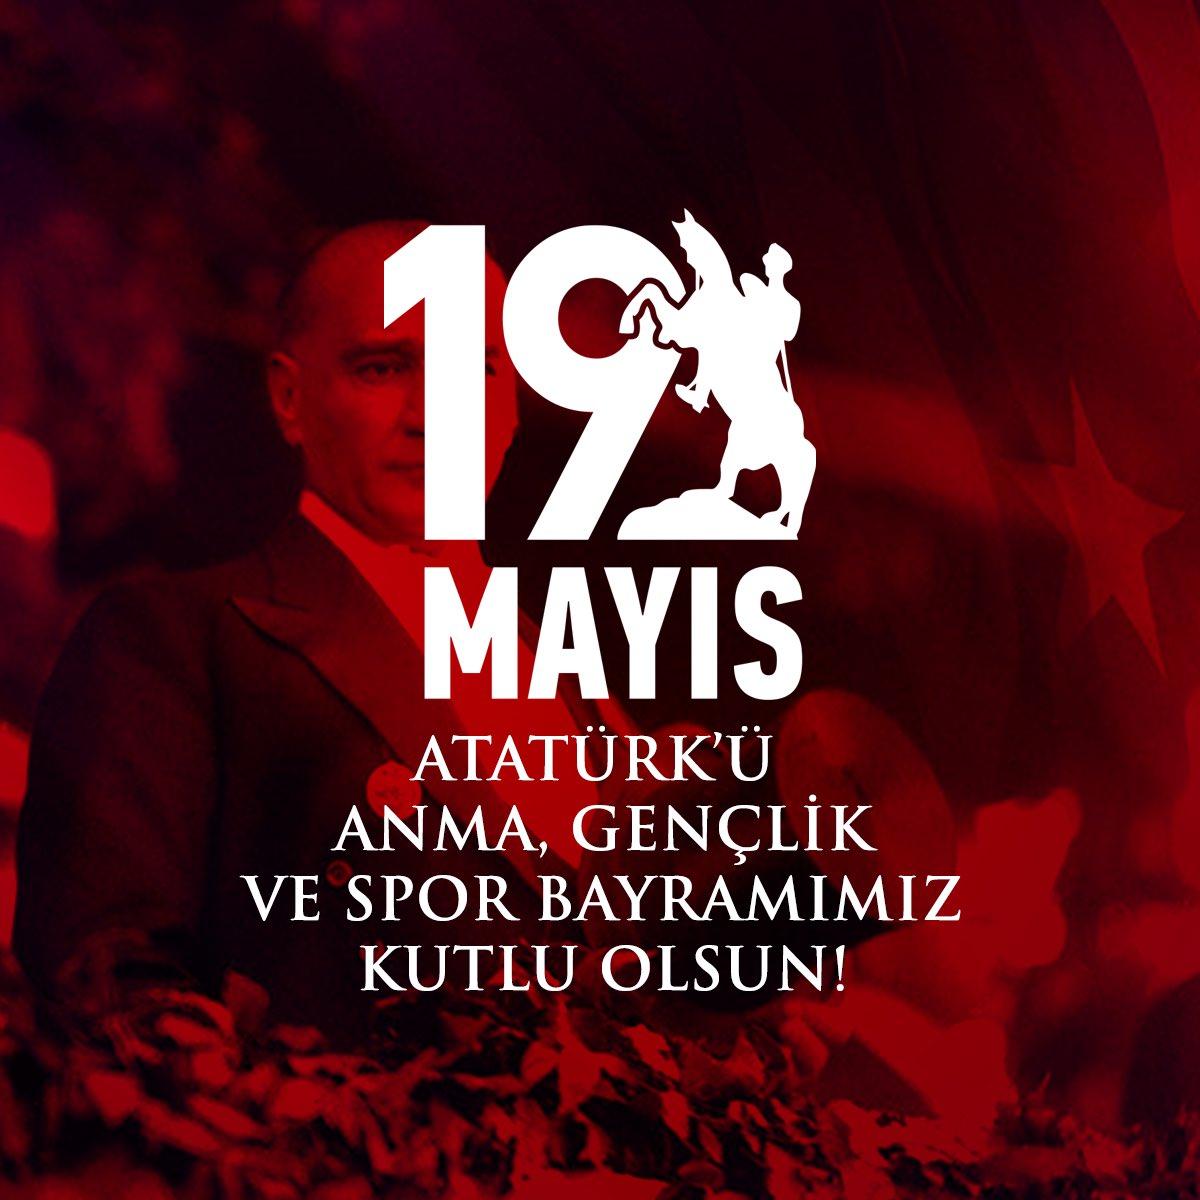 """""""Bütün ümidim gençliktedir.""""   Gazi Mustafa Kemal Atatürk'ün geleceği emanet ettiği gençlere armağanı #19Mayıs Atatürk'ü Anma, Gençlik ve Spor Bayramımız kutlu olsun. https://t.co/KfsKmM8QAF"""